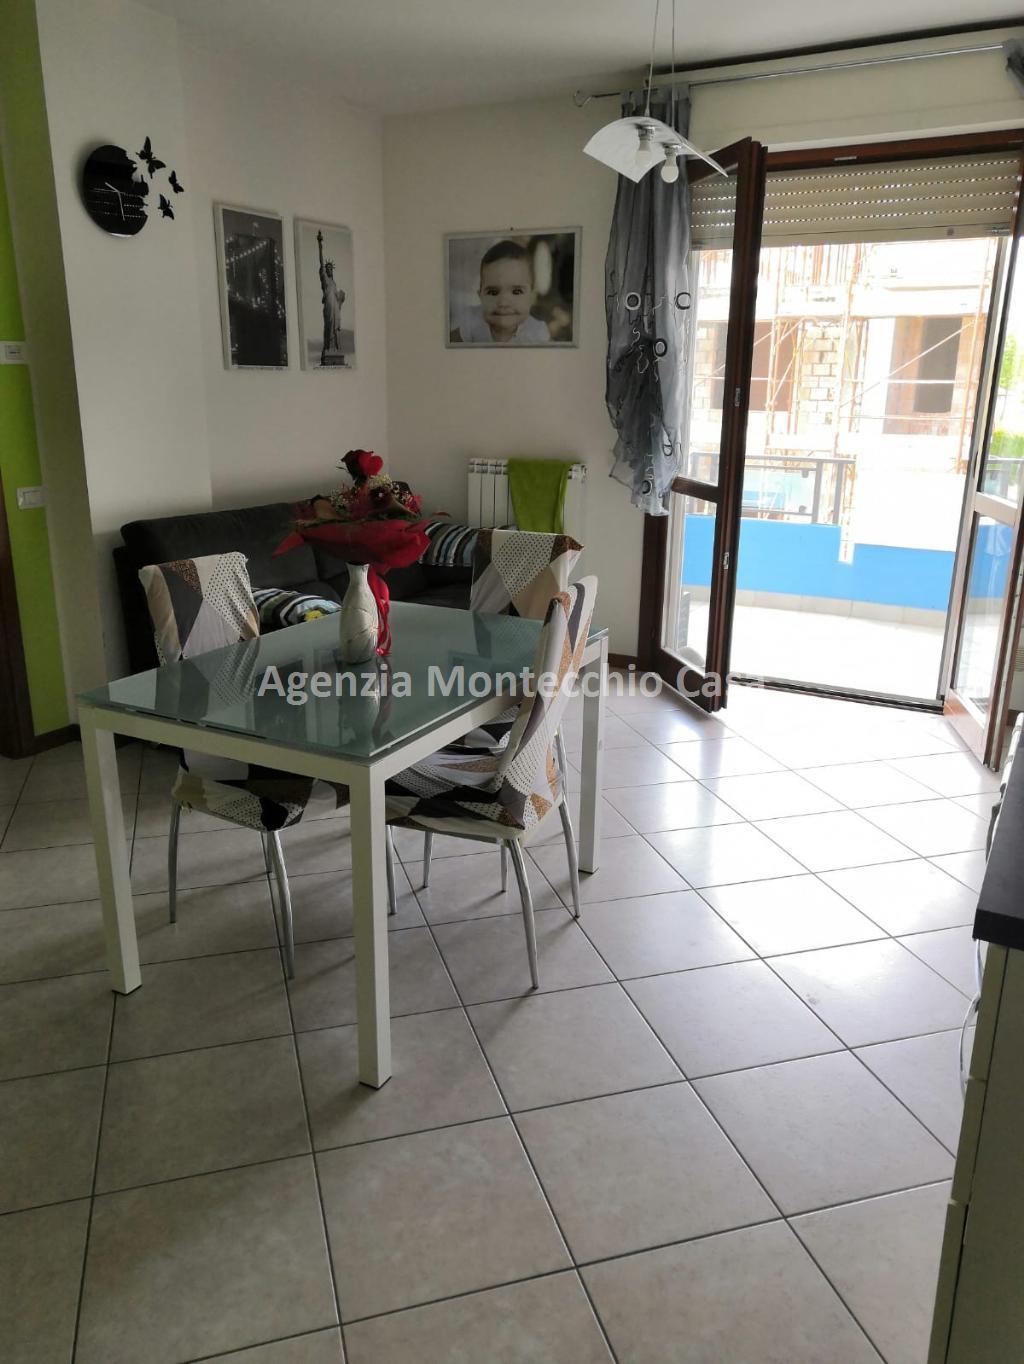 Appartamento in vendita a Tavullia, 3 locali, prezzo € 135.000   CambioCasa.it